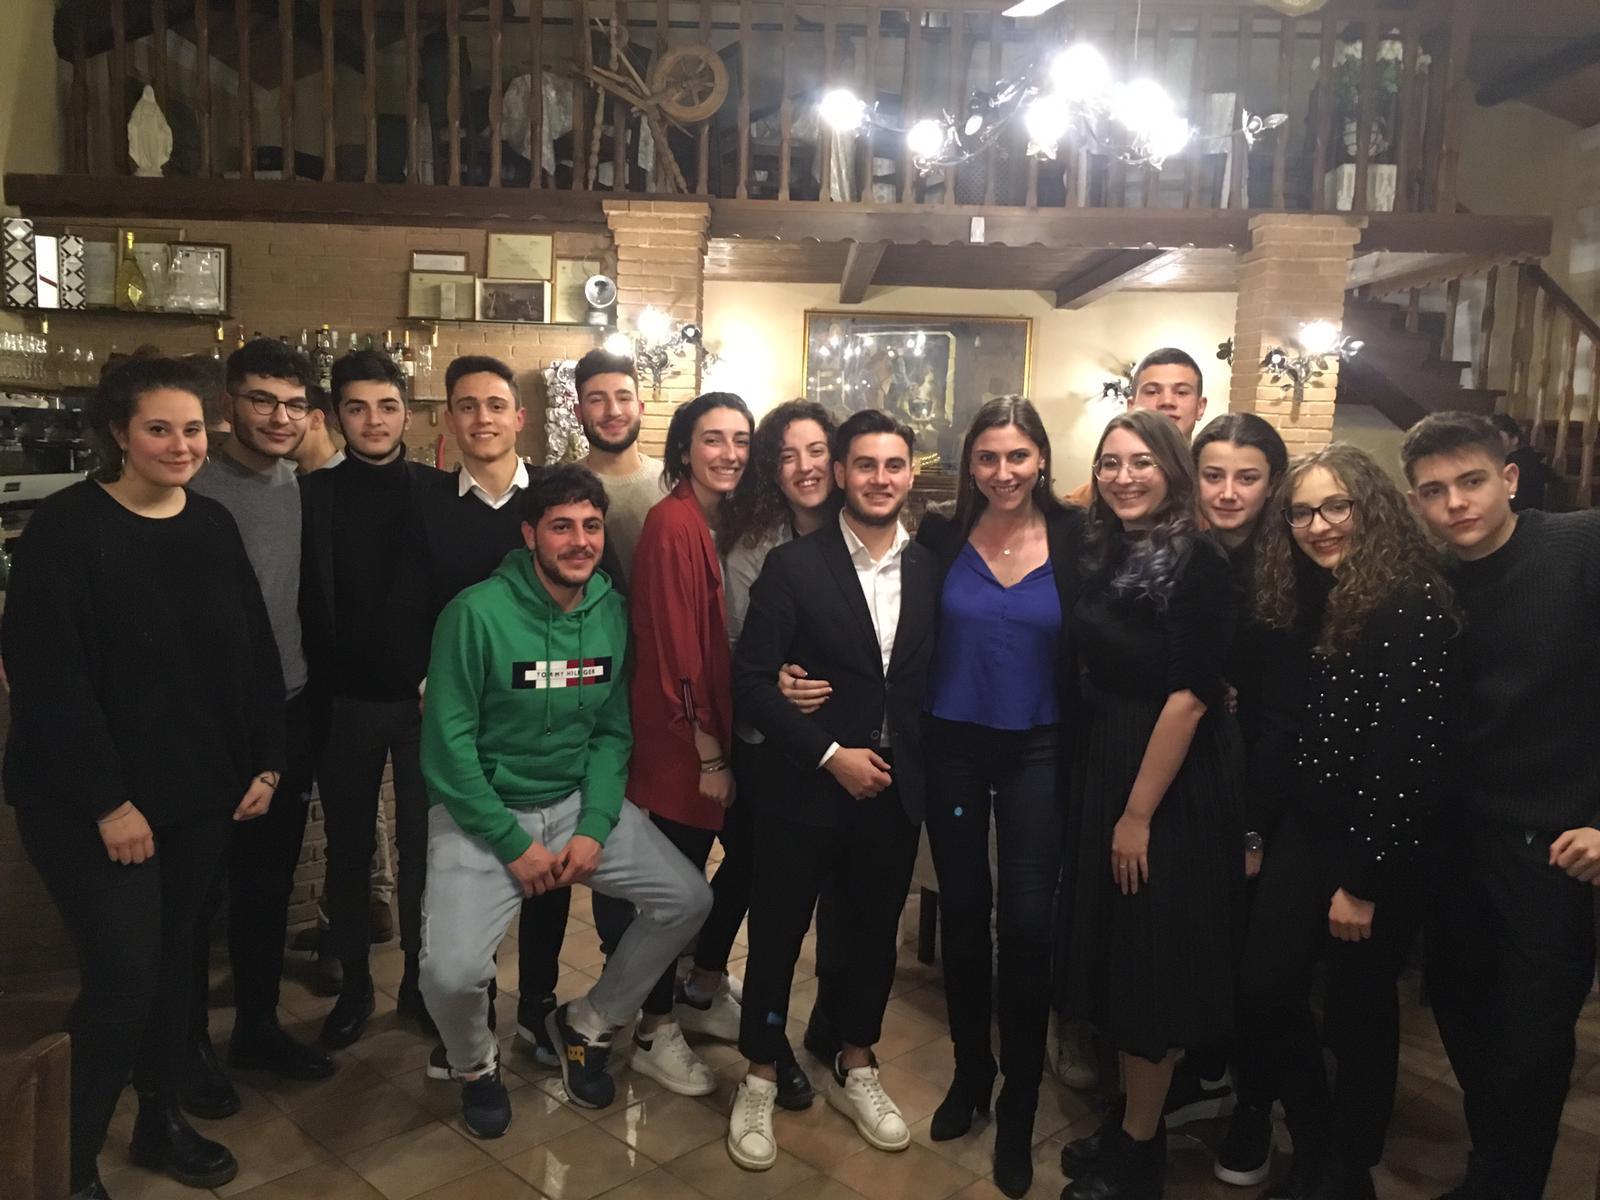 Docenti e studenti marsicani al vice ministro Ascani: favorite la cultura degli istituti tecnici